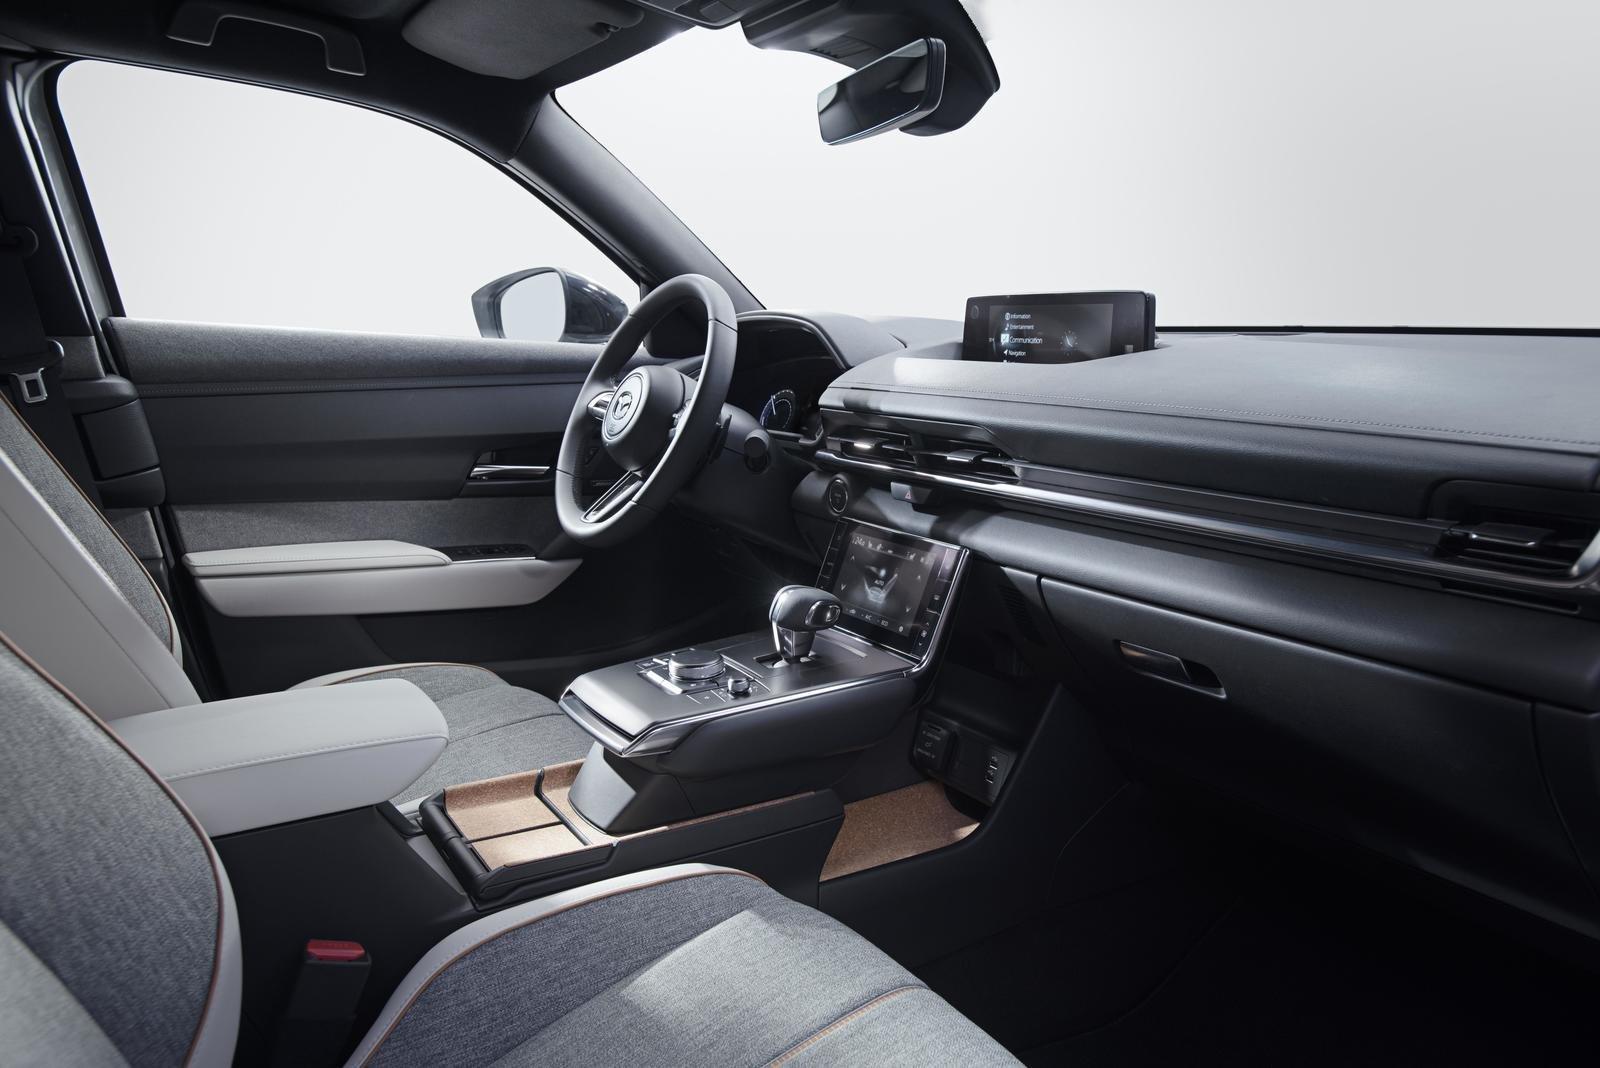 Đánh giá xe Mazda MX-30 2021 về trang bị tiện nghi: nội thất táp lô